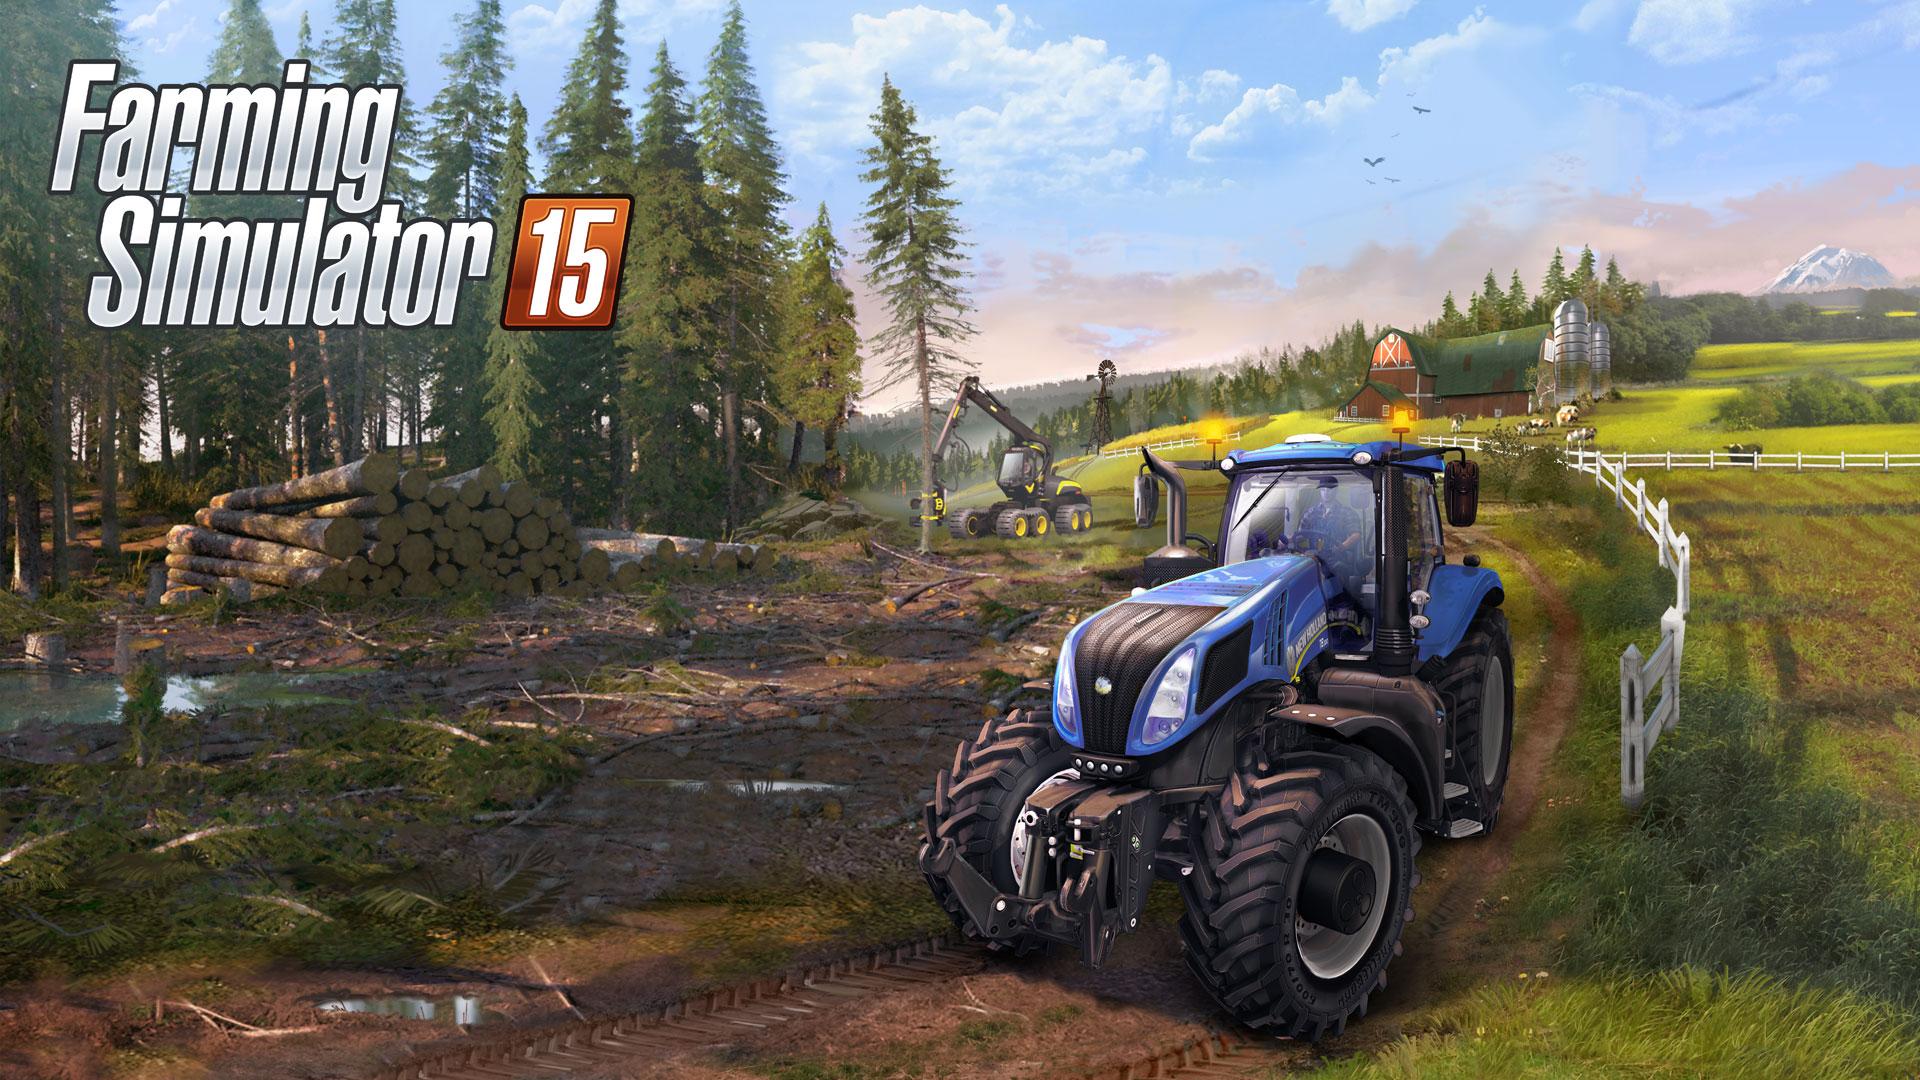 Farming simulator 15 (2015) скачать через торрент игру.